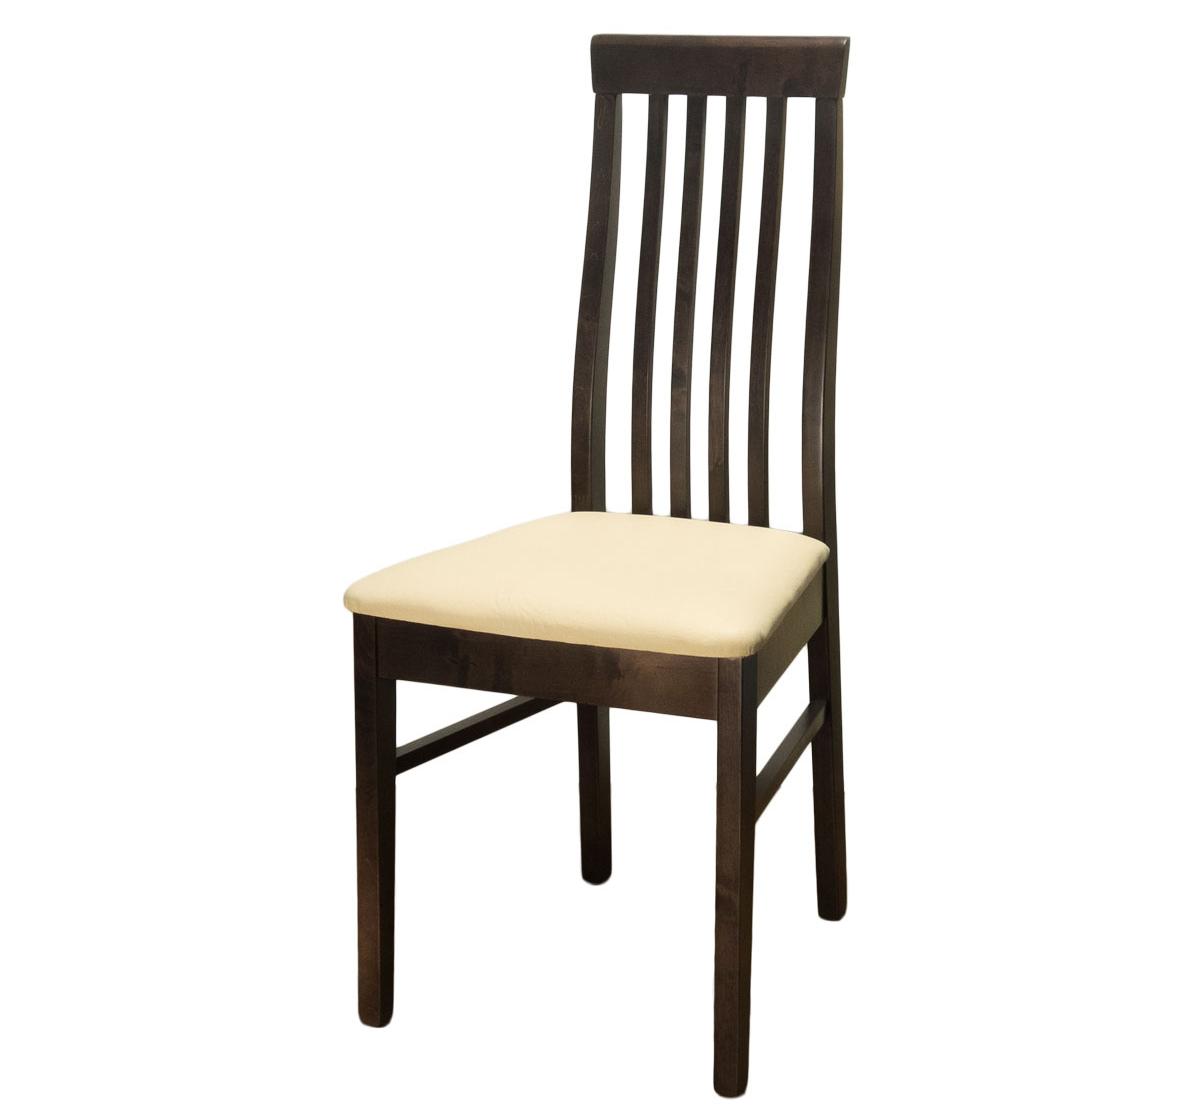 Стул для кухни деревянный, сиденье искусственная кожа (арт. М3204)